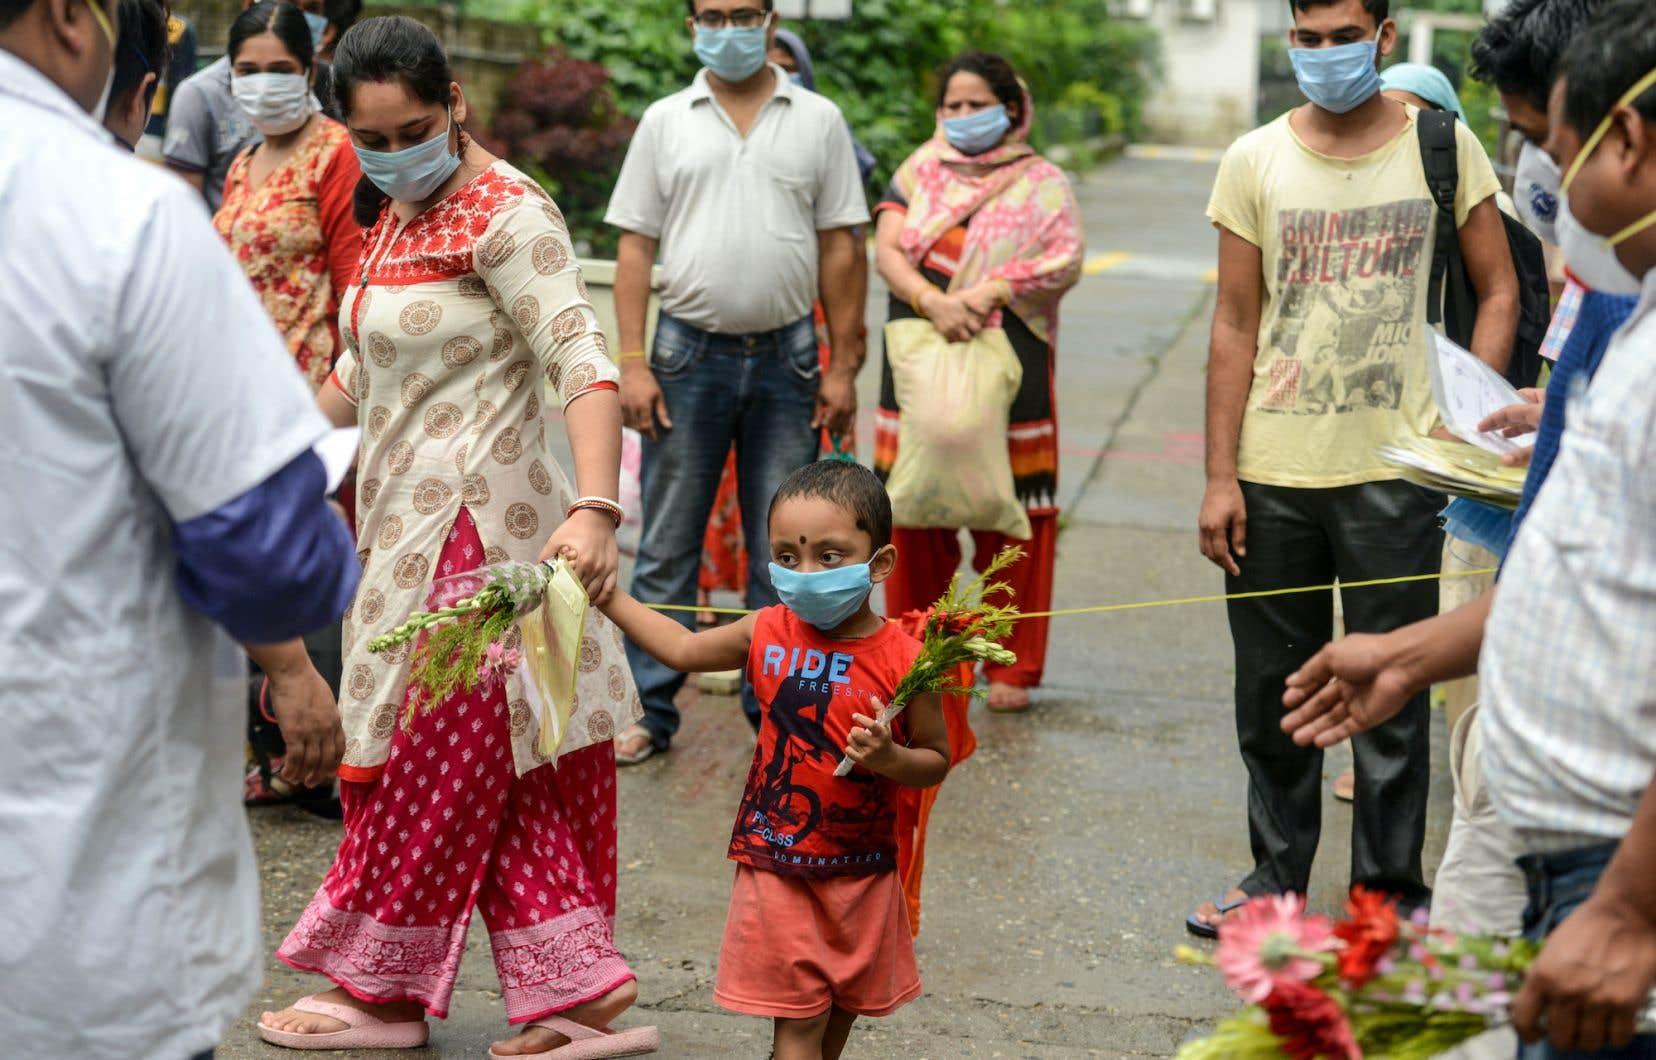 Des malades guéris du coronavirus recevaient le 1er juillet des fleurs à l'occasion de la journée nationale des médecins, à Siliguri, en Inde. Bien qu'ils répondent négativement aux tests, tous les patients ne sont cependant pas au bout de leurs peines.